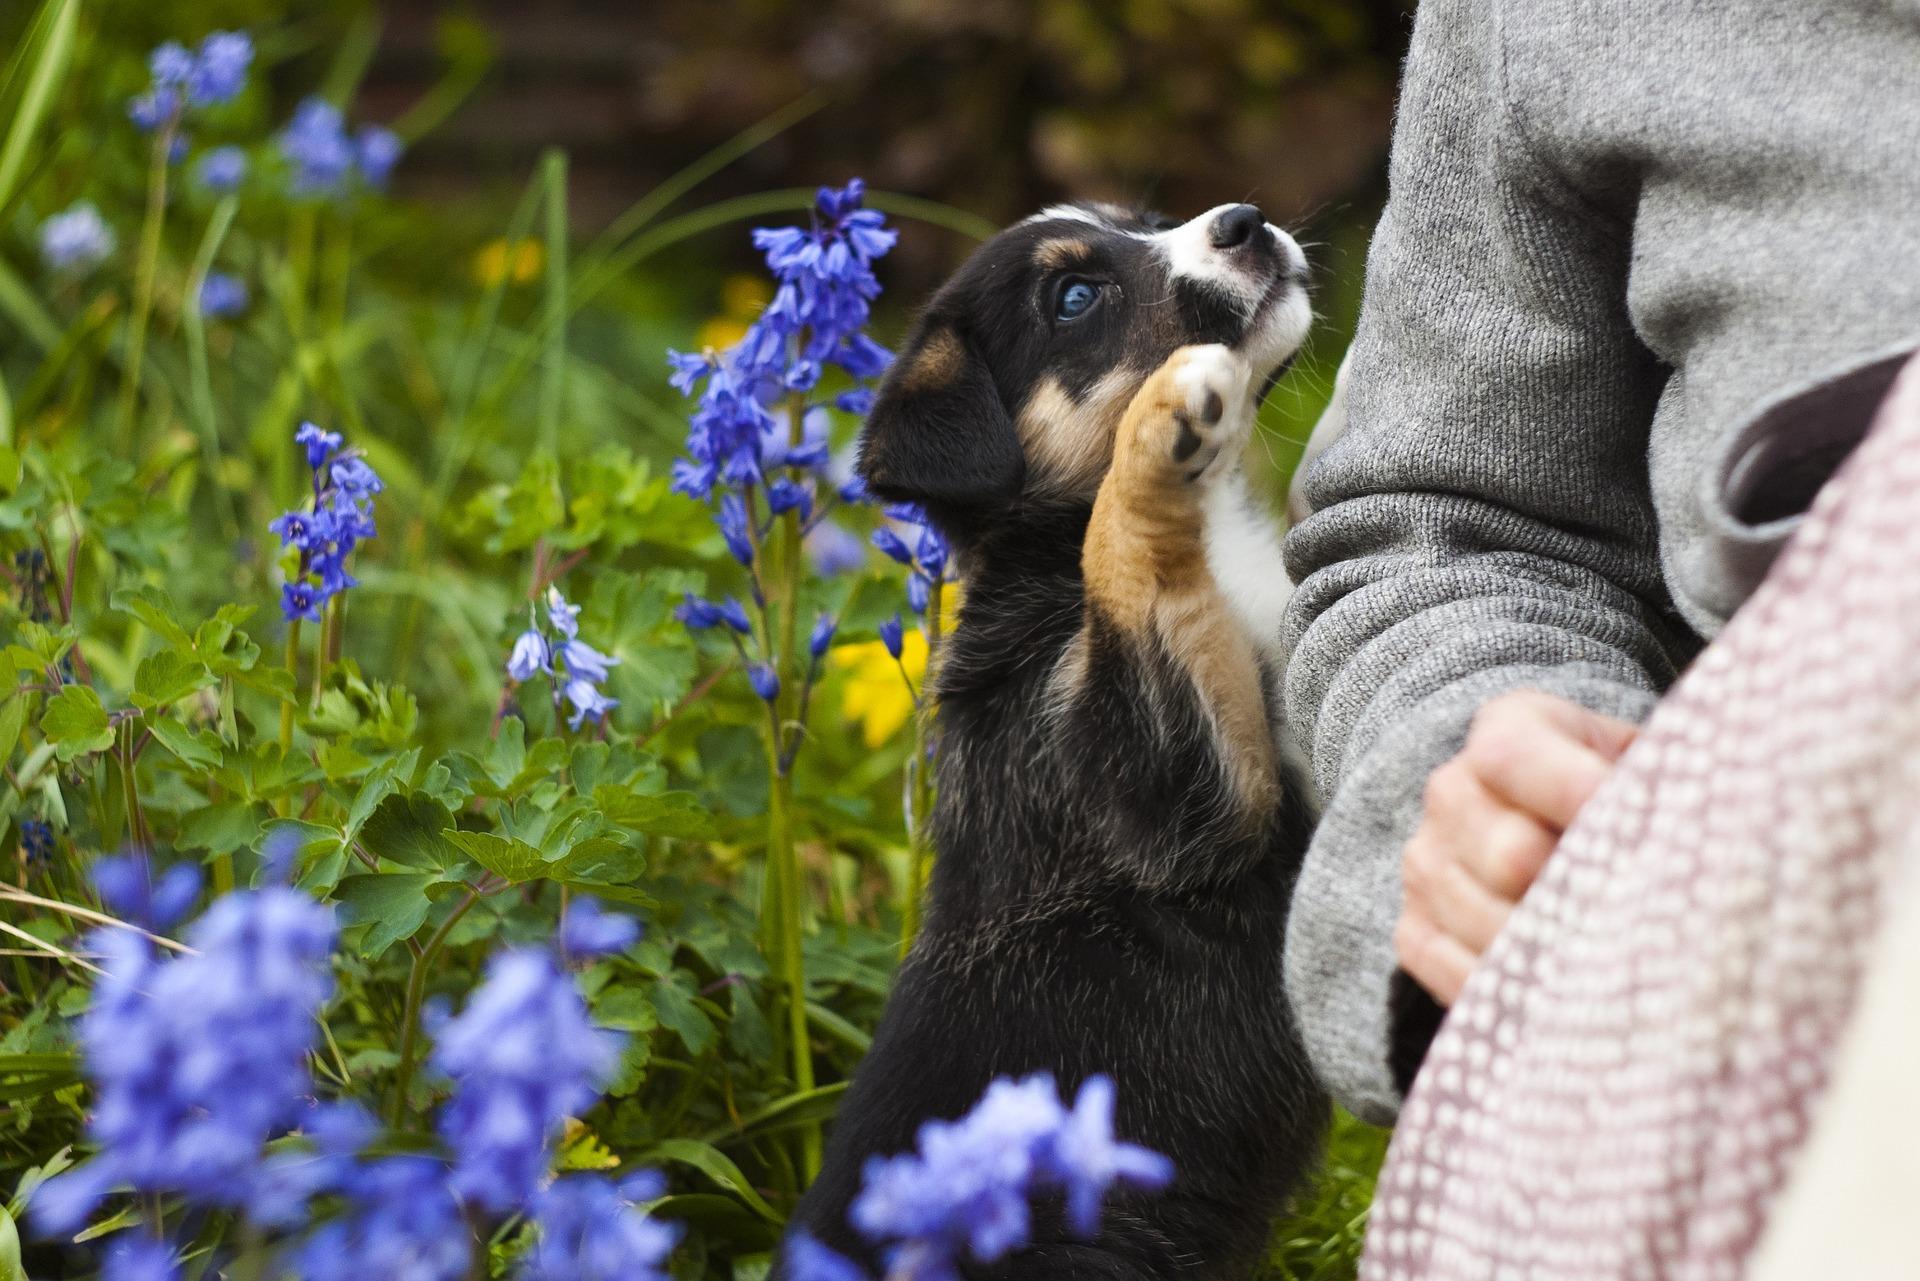 Fitoterapia: terapia natural respetuosa con tu mascota